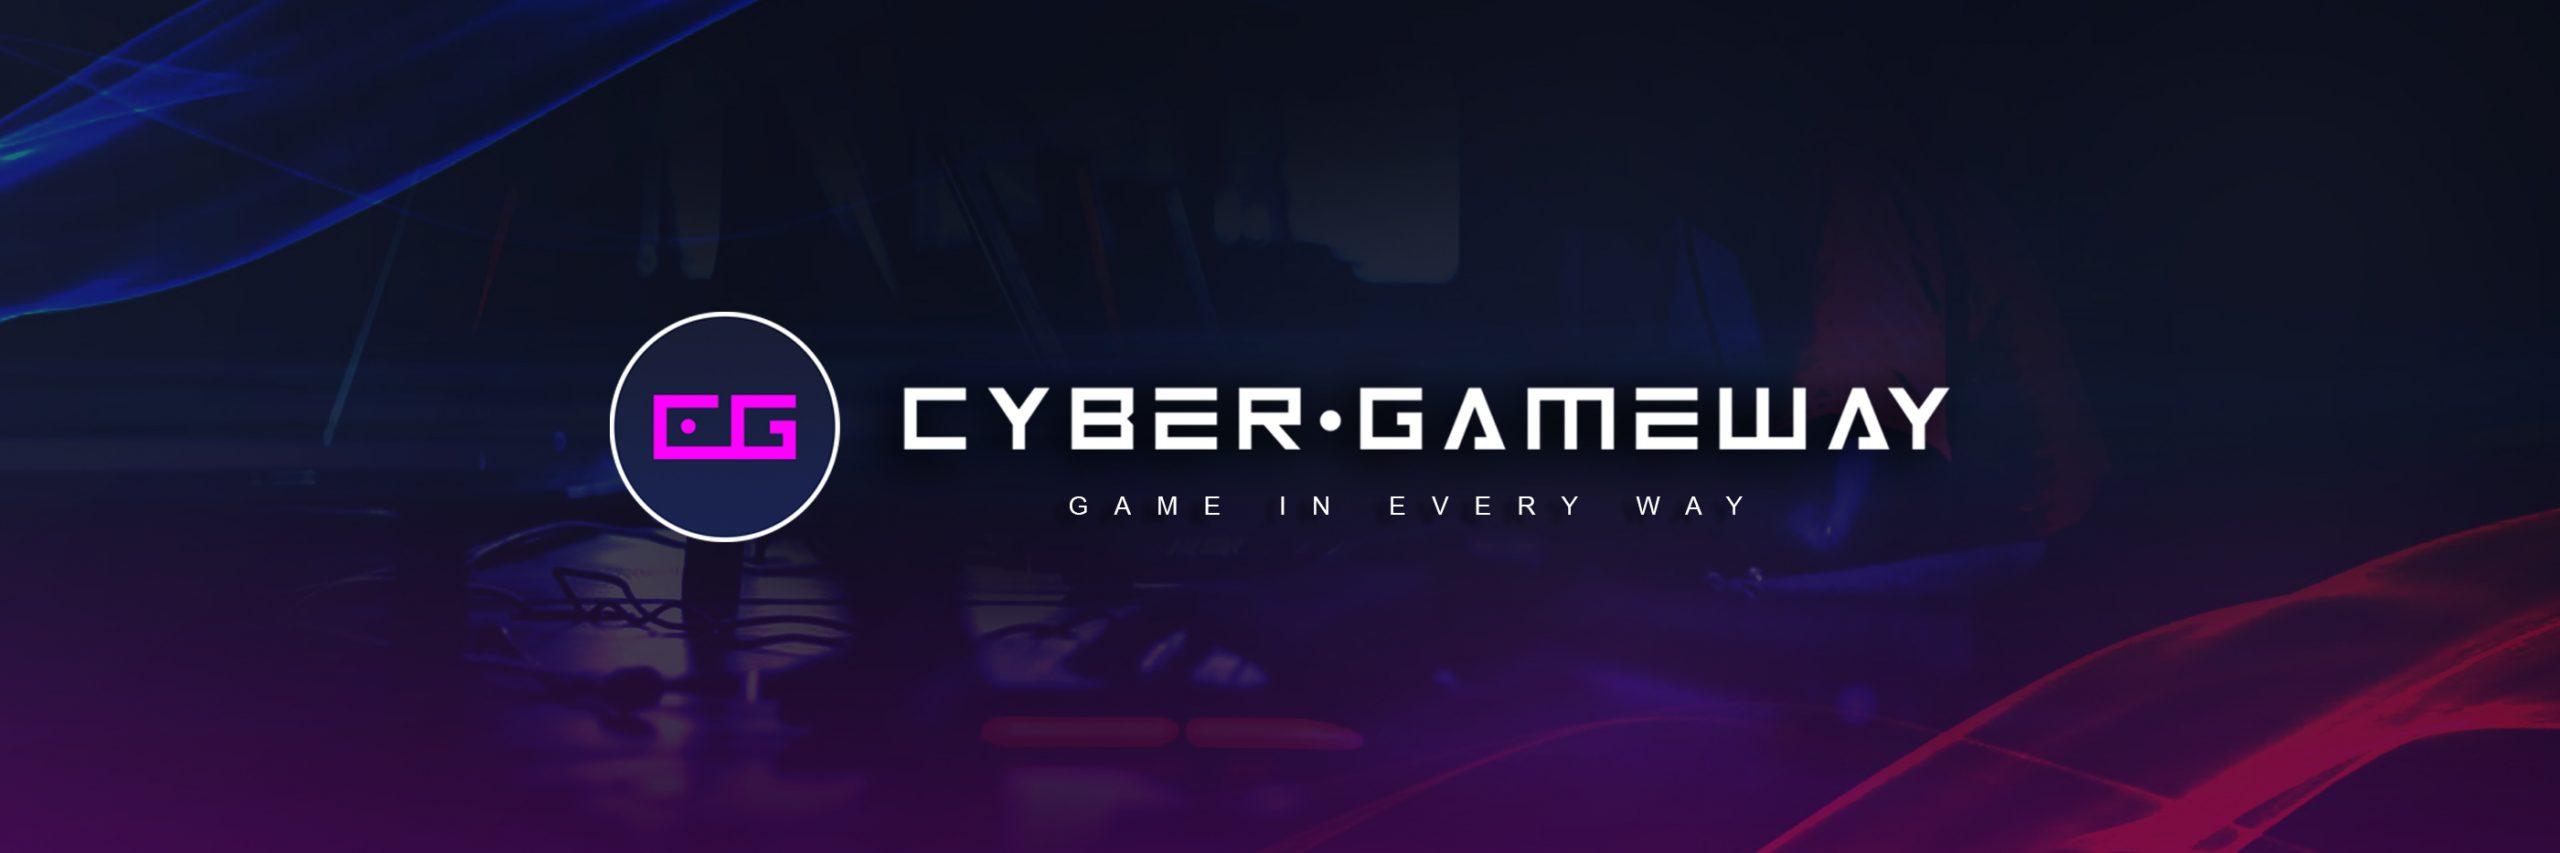 CyberGameWay_Banner_Design (1)